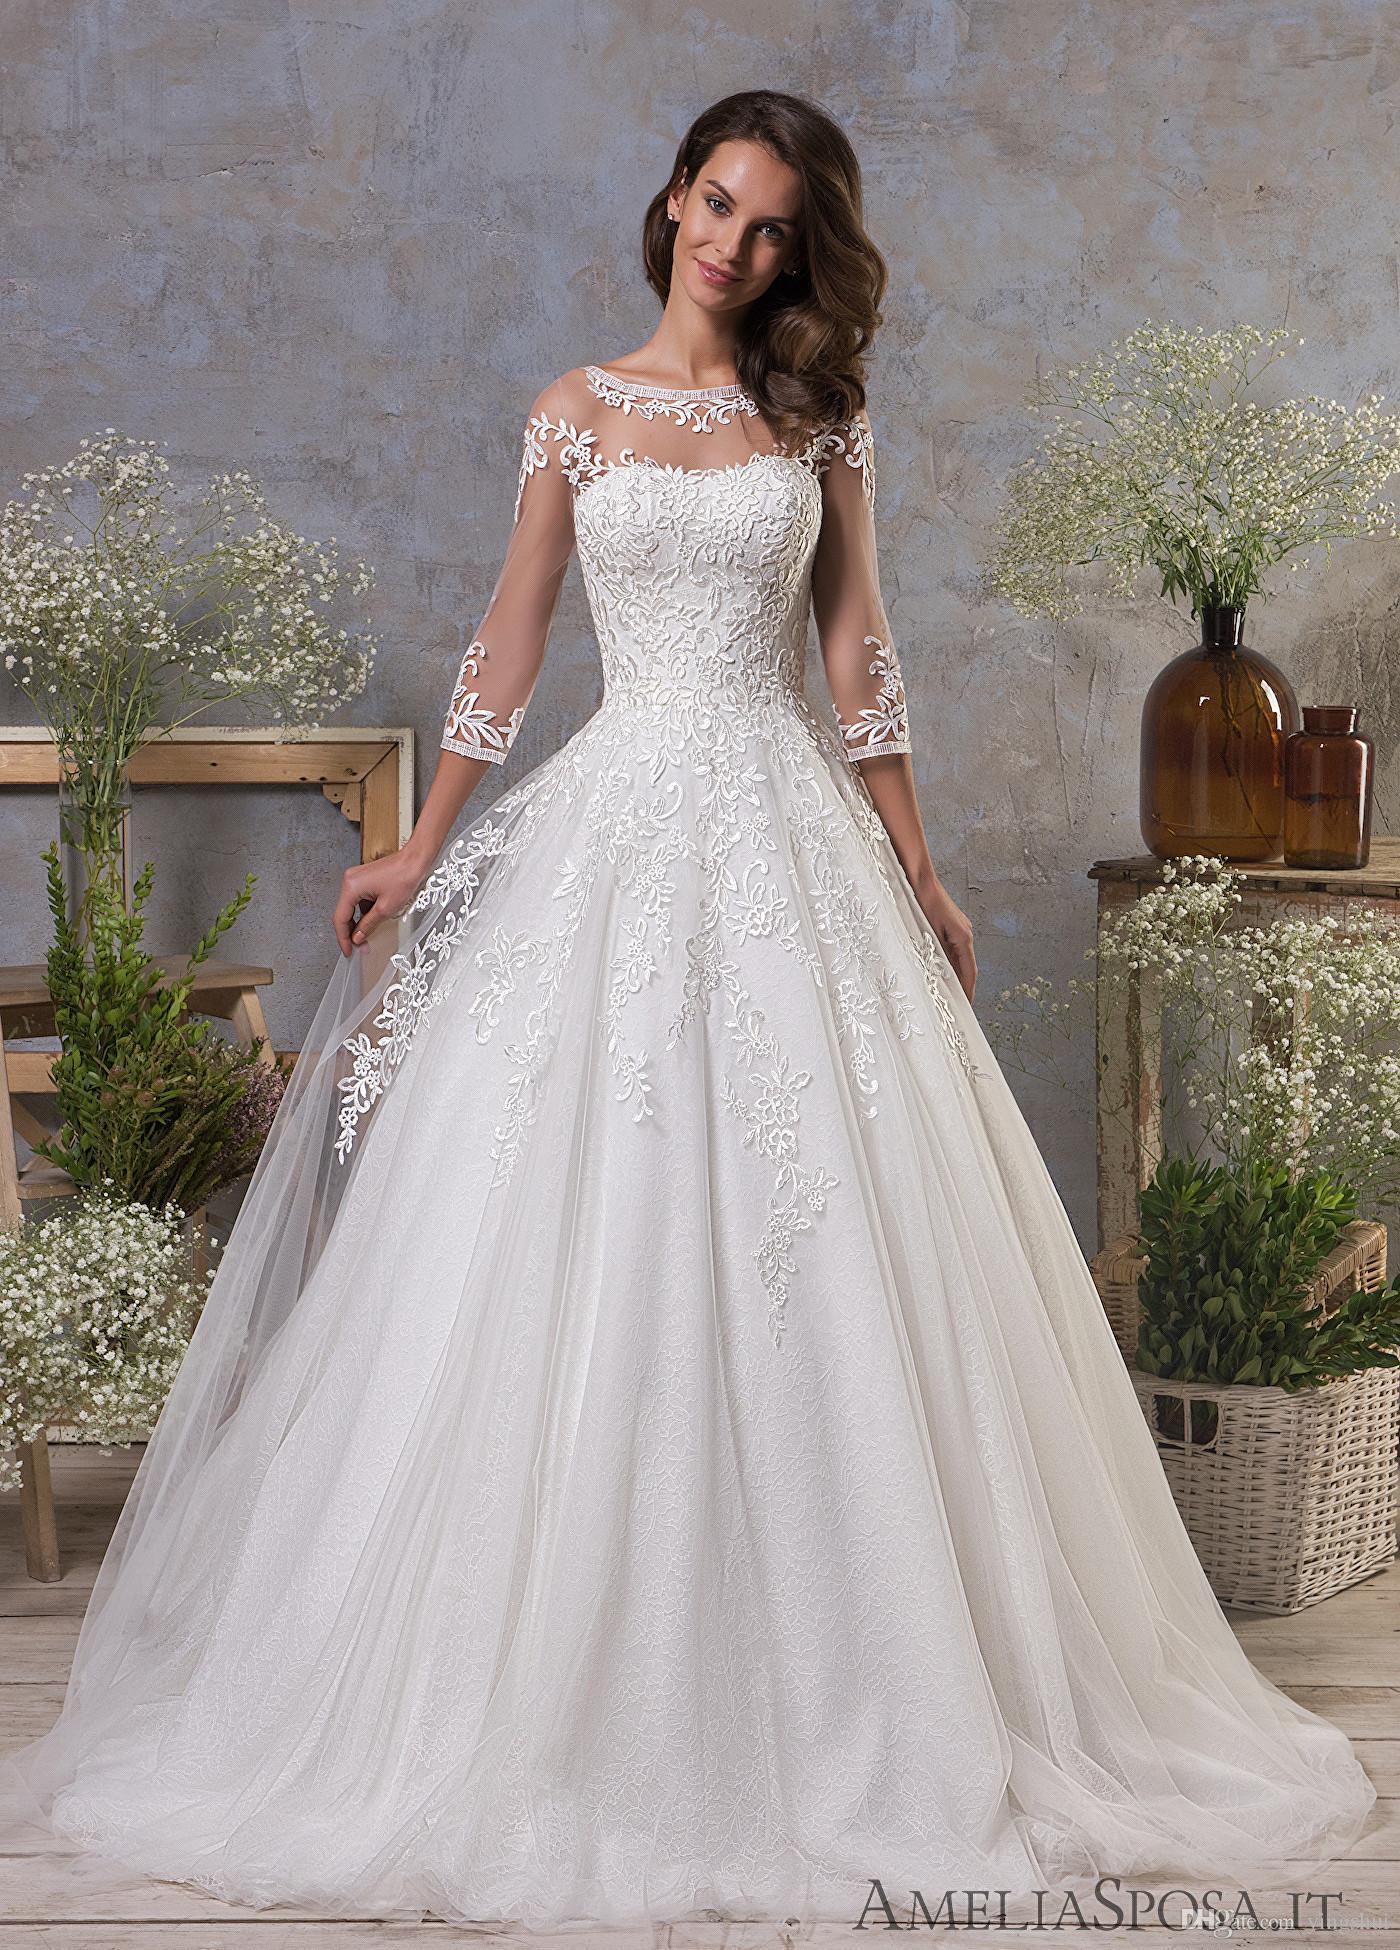 24b1fc5e242ac Discount Modest Three Quarter Sleeves Wedding Dresses A Line Open Back  Vestidos De Novia Lace Bridal Gown 2019 Beach Wedding Dresses Designer  Dresses From ...